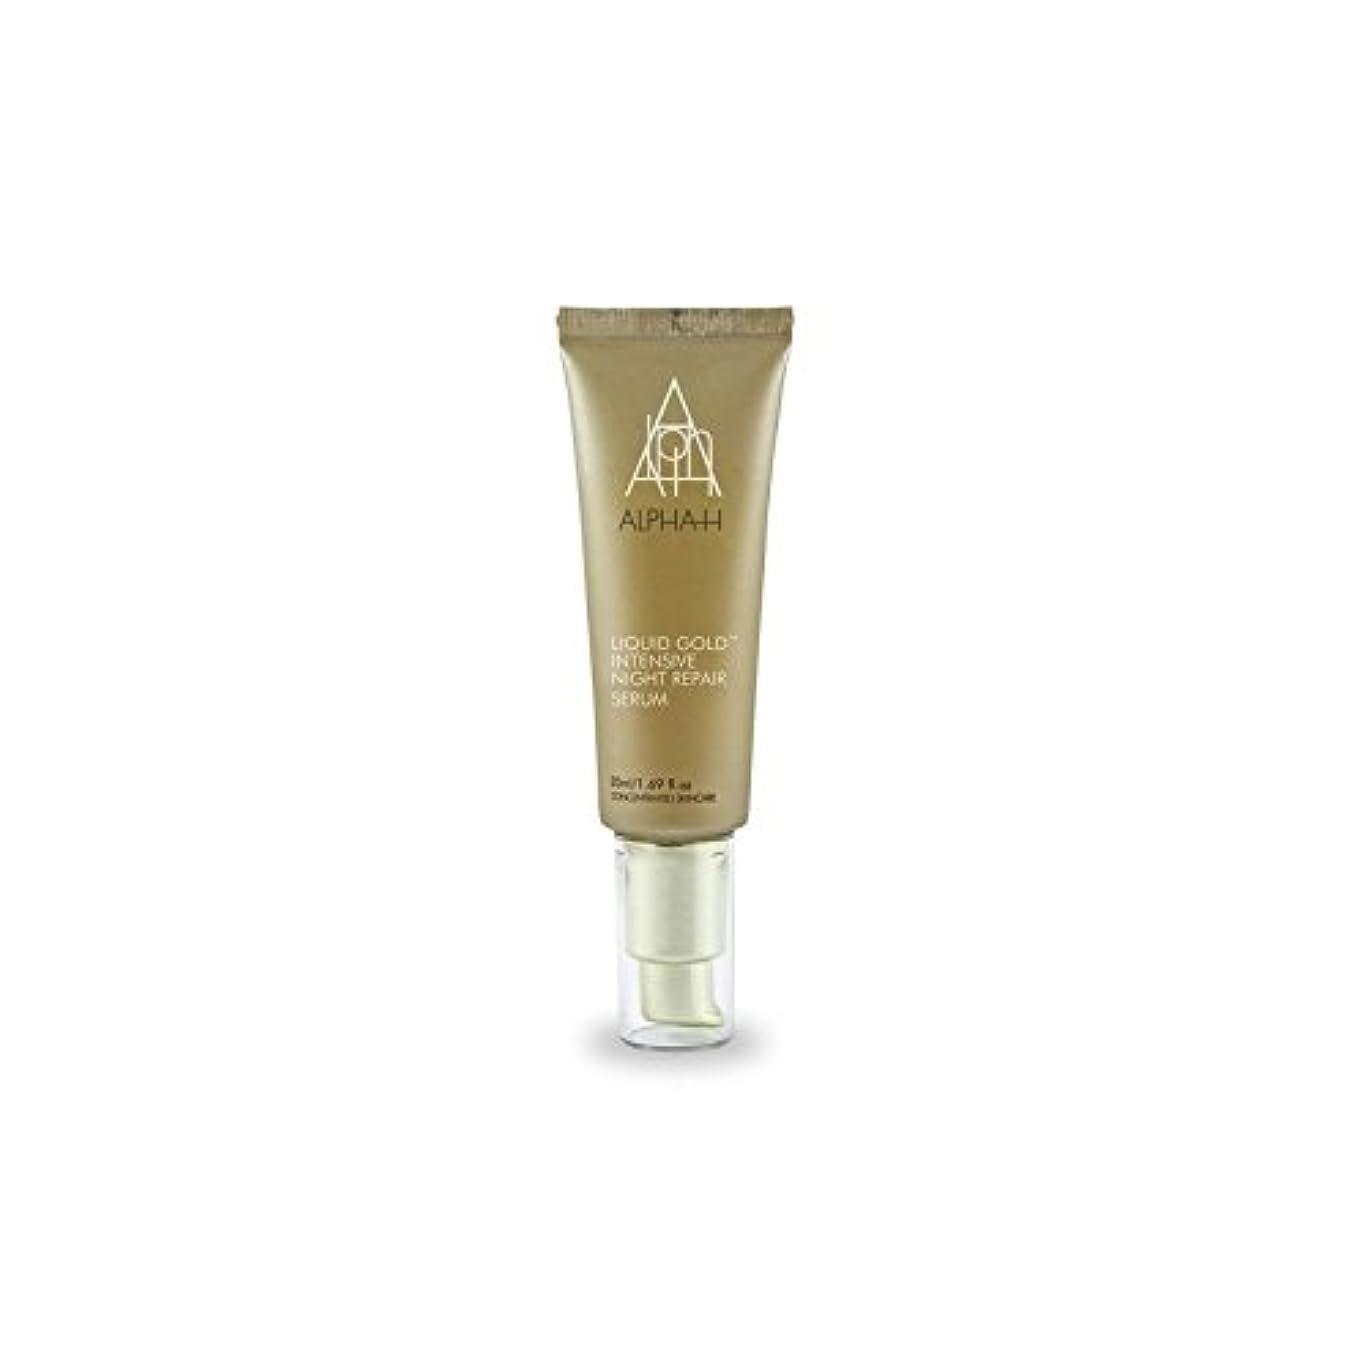 排気ジョージスティーブンソンキャンパスアルファ時間の液体の金の集中夜の修理血清(50ミリリットル) x2 - Alpha-H Liquid Gold Intensive Night Repair Serum (50ml) (Pack of 2) [並行輸入品]